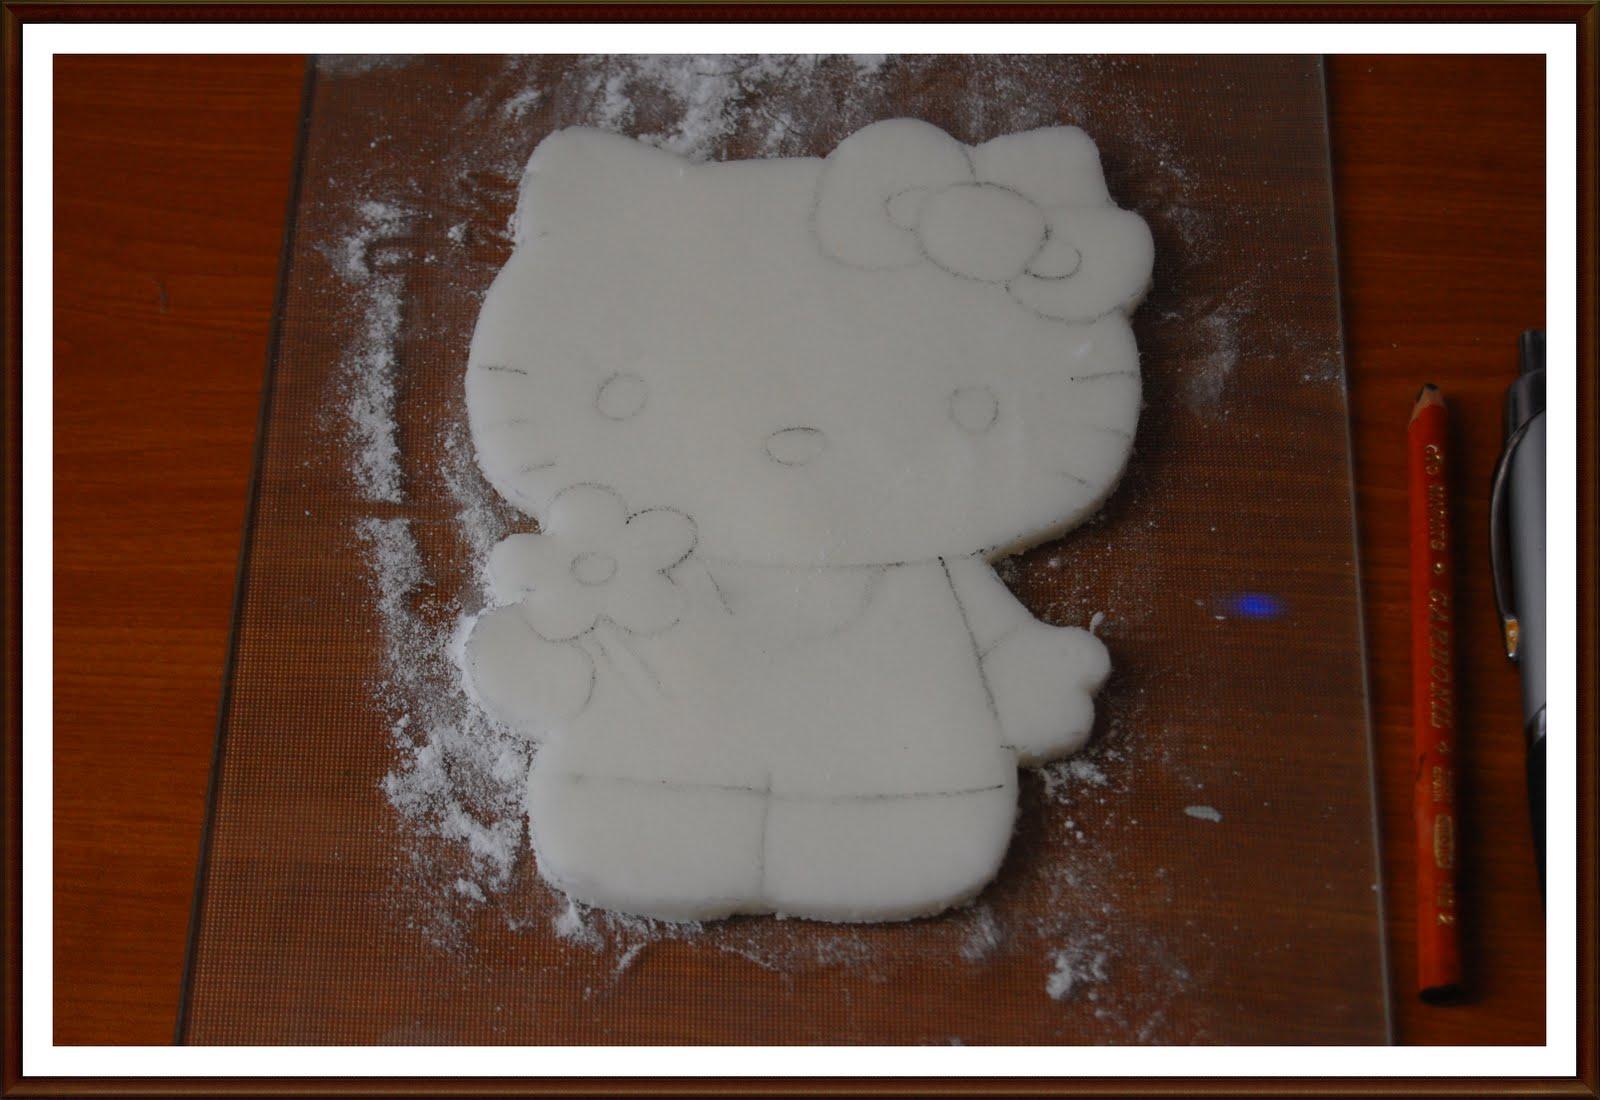 aqui lista para colocar en una torta para una linda niña de 3 añitos ...